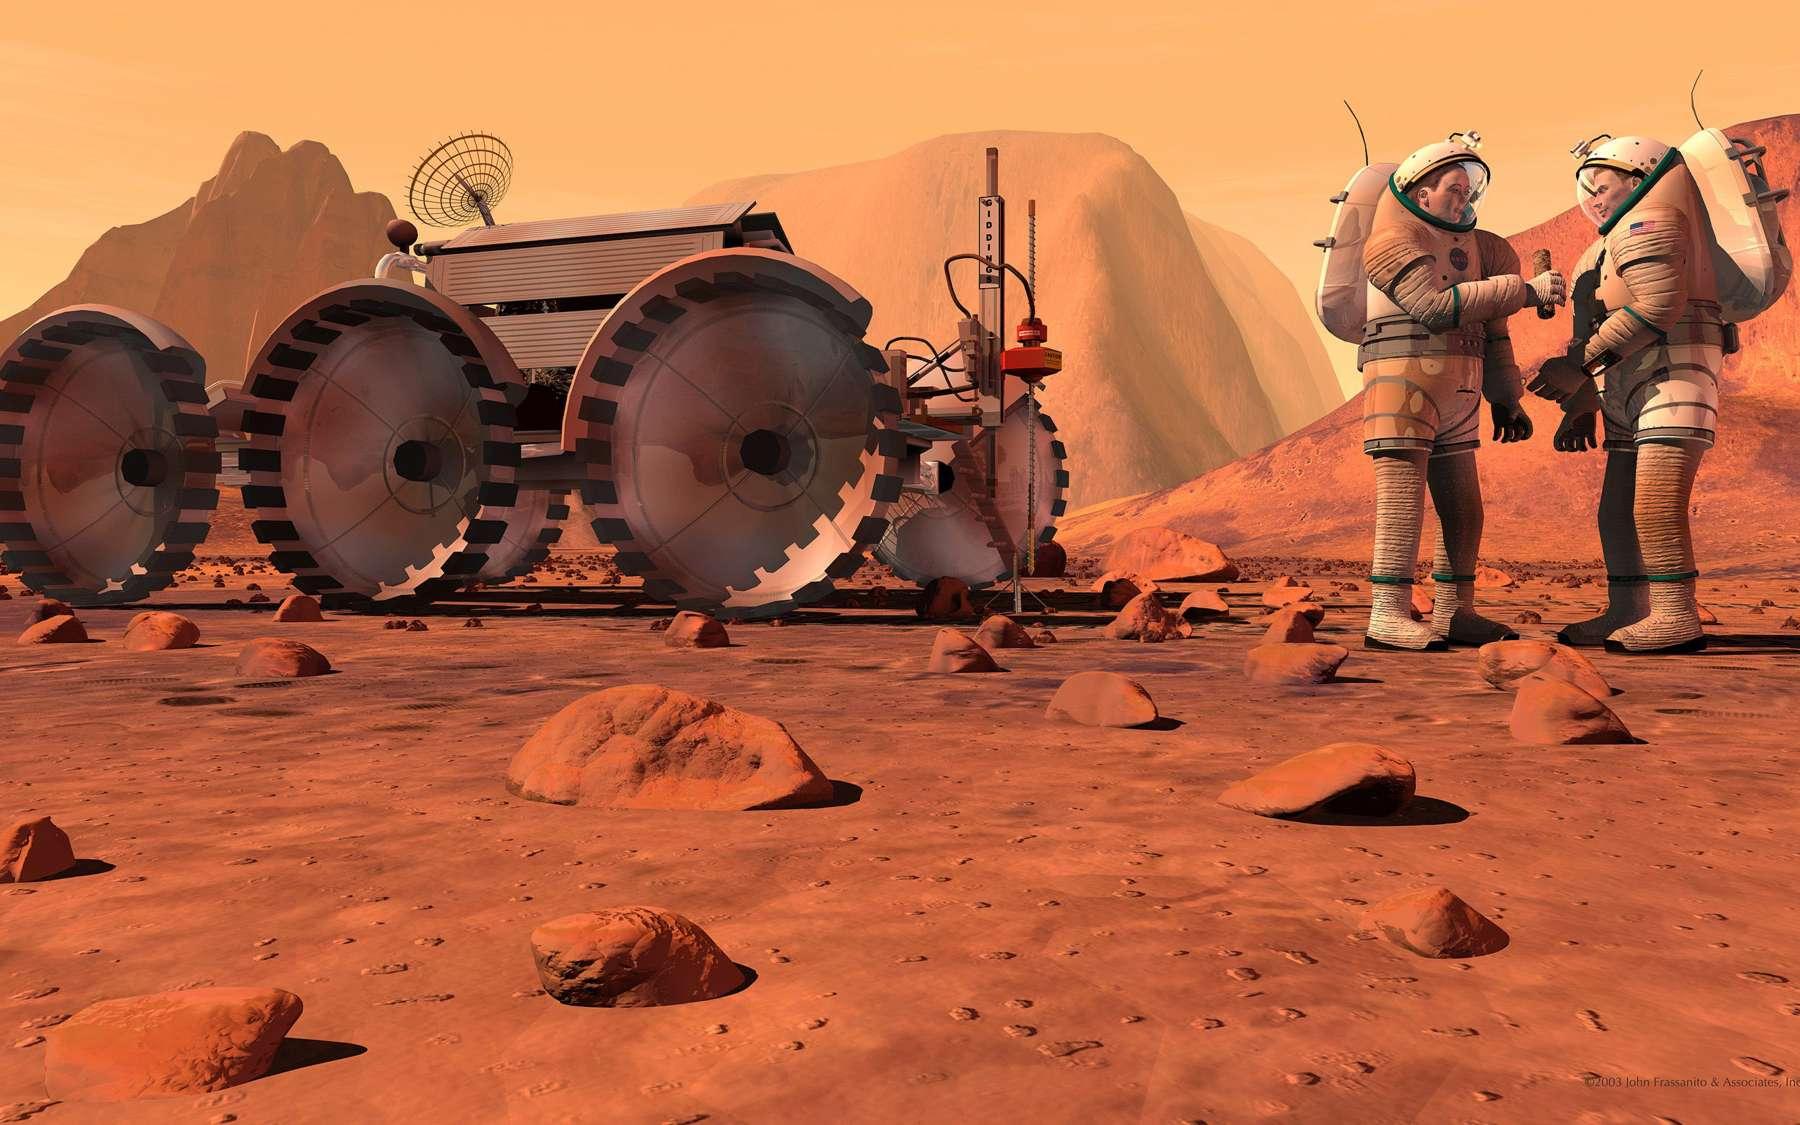 Devant le coût et la difficulté d'une mission habitée vers Mars, les principales agences spatiales ont convenu de réaliser cet effort ensemble. Pour y parvenir, elles ont décidé de planifier et réaliser d'abord une série de missions habitées et robotiques pour démontrer la faisabilité d'envoyer des Hommes sur Mars à l'horizon 2030. © 2003 John Frassanito & associés